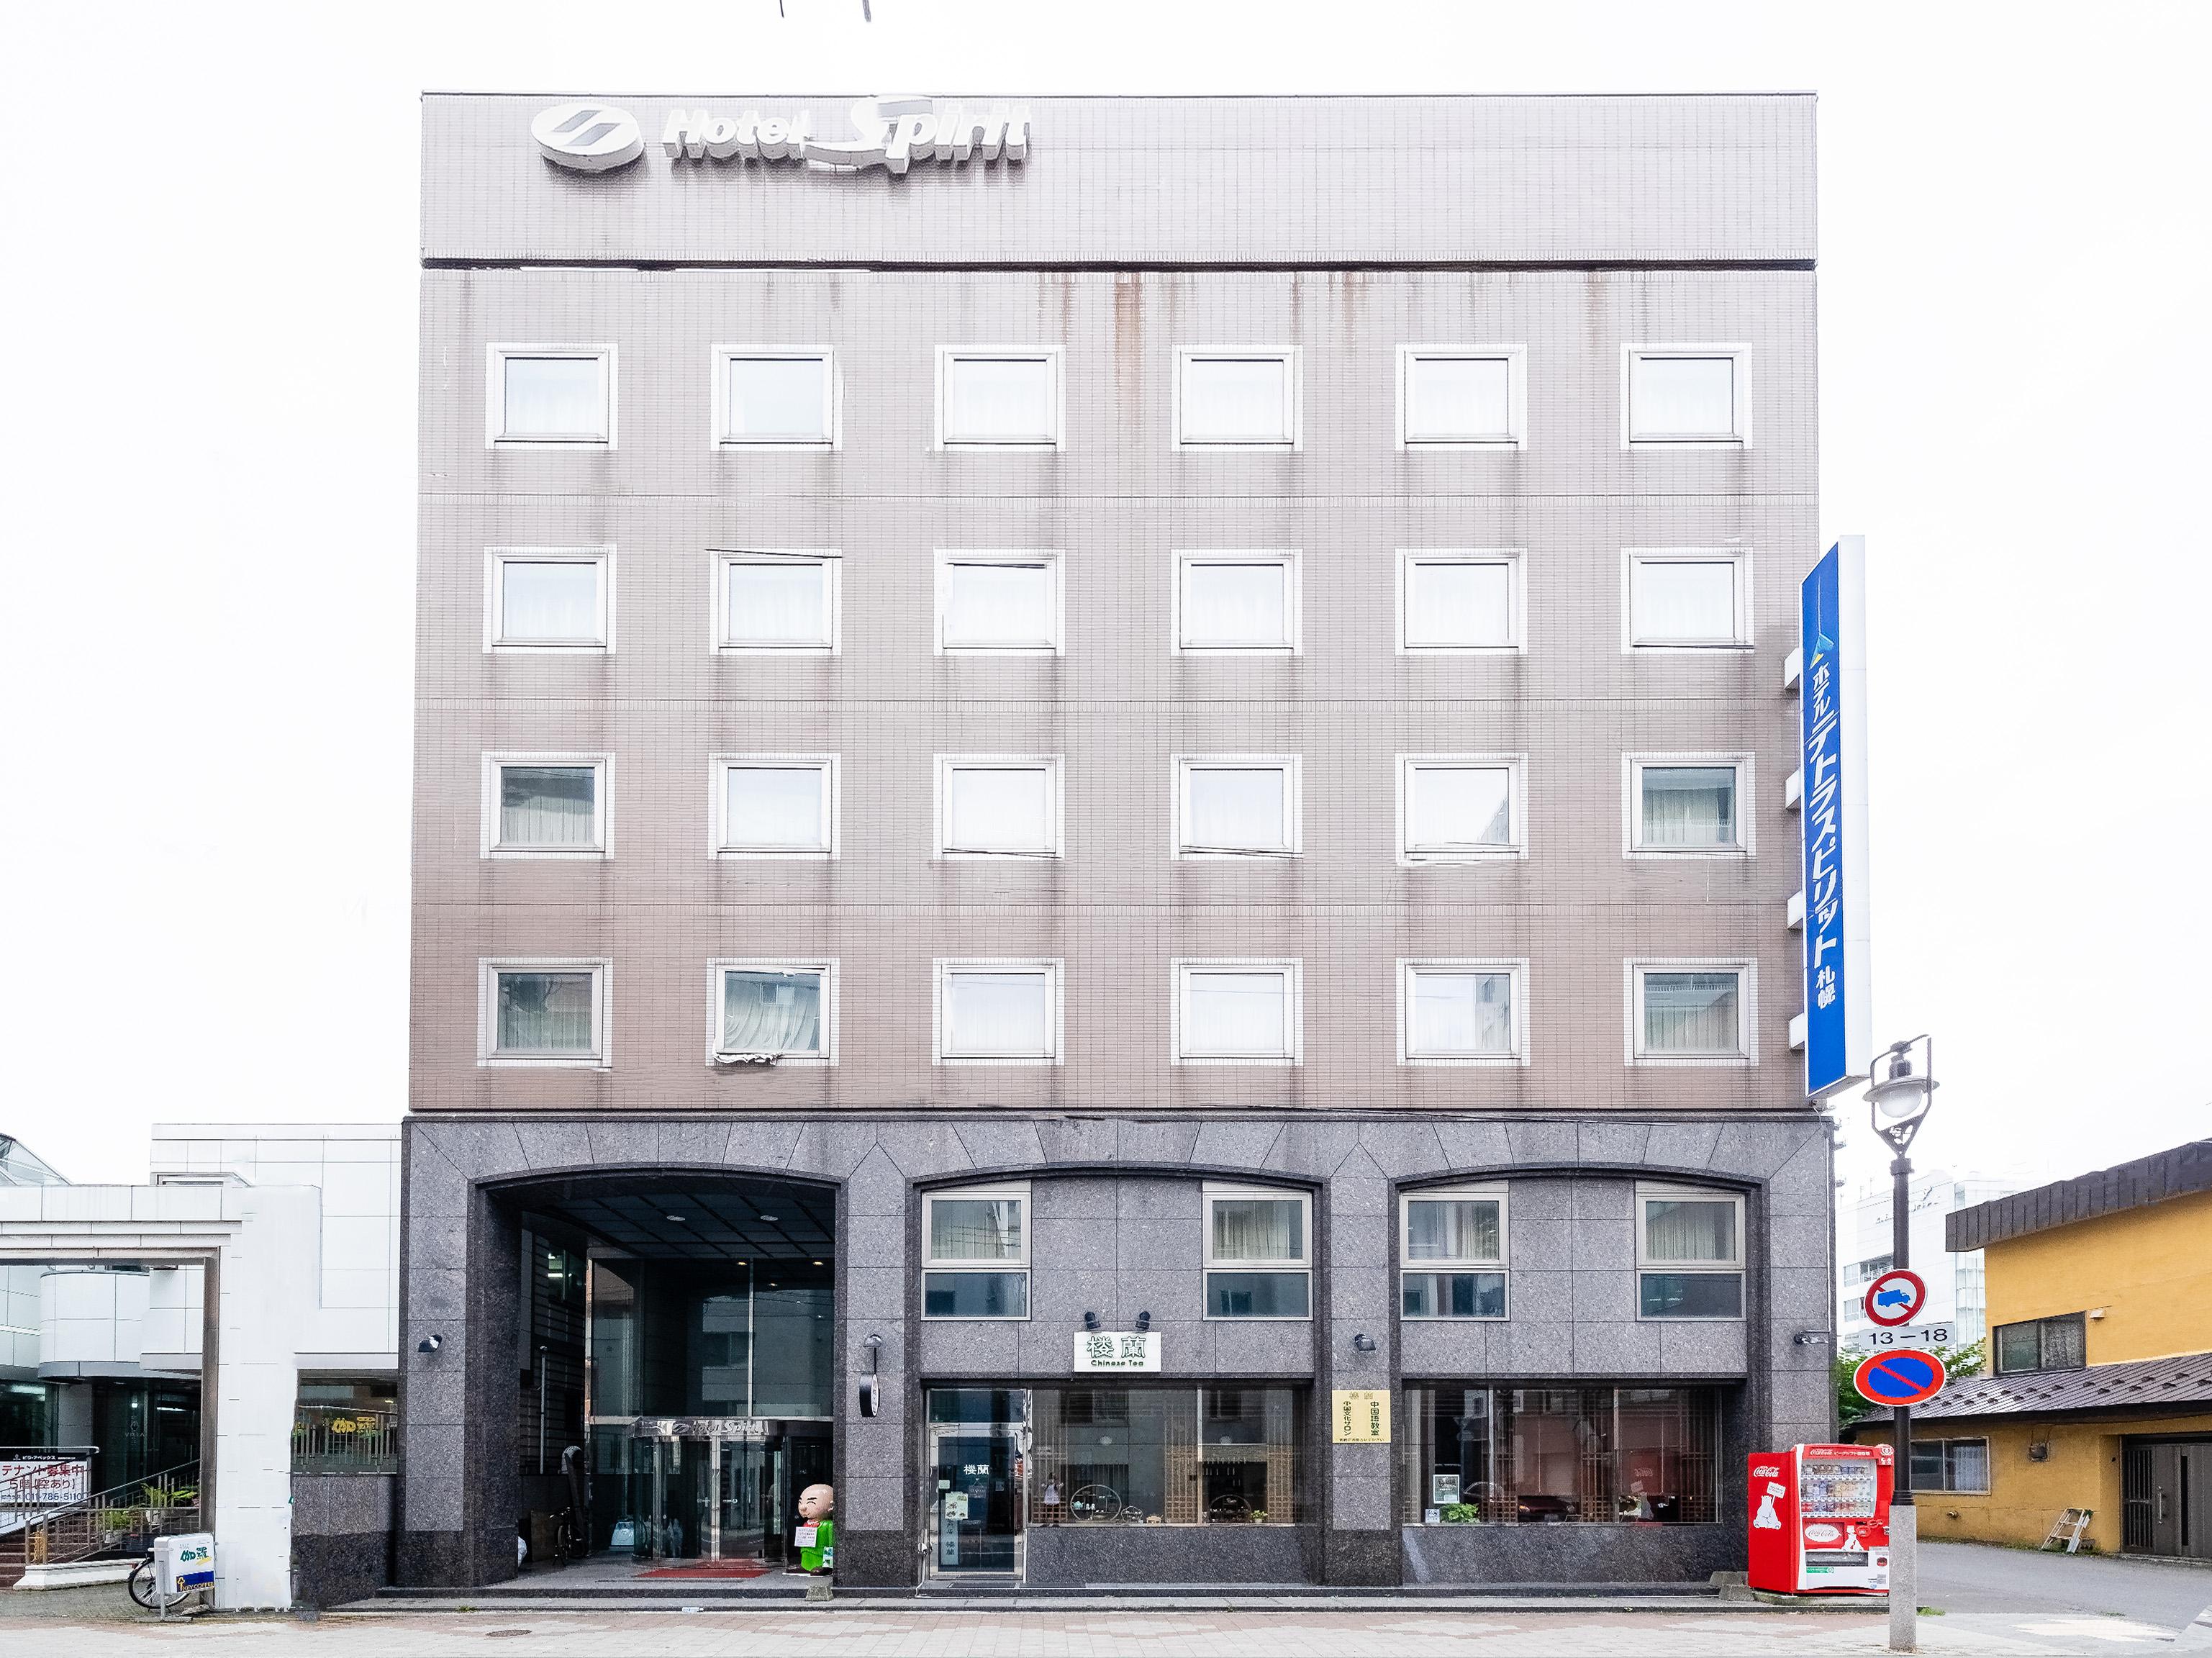 ホテル テトラ スピリット 札幌◆楽天トラベル